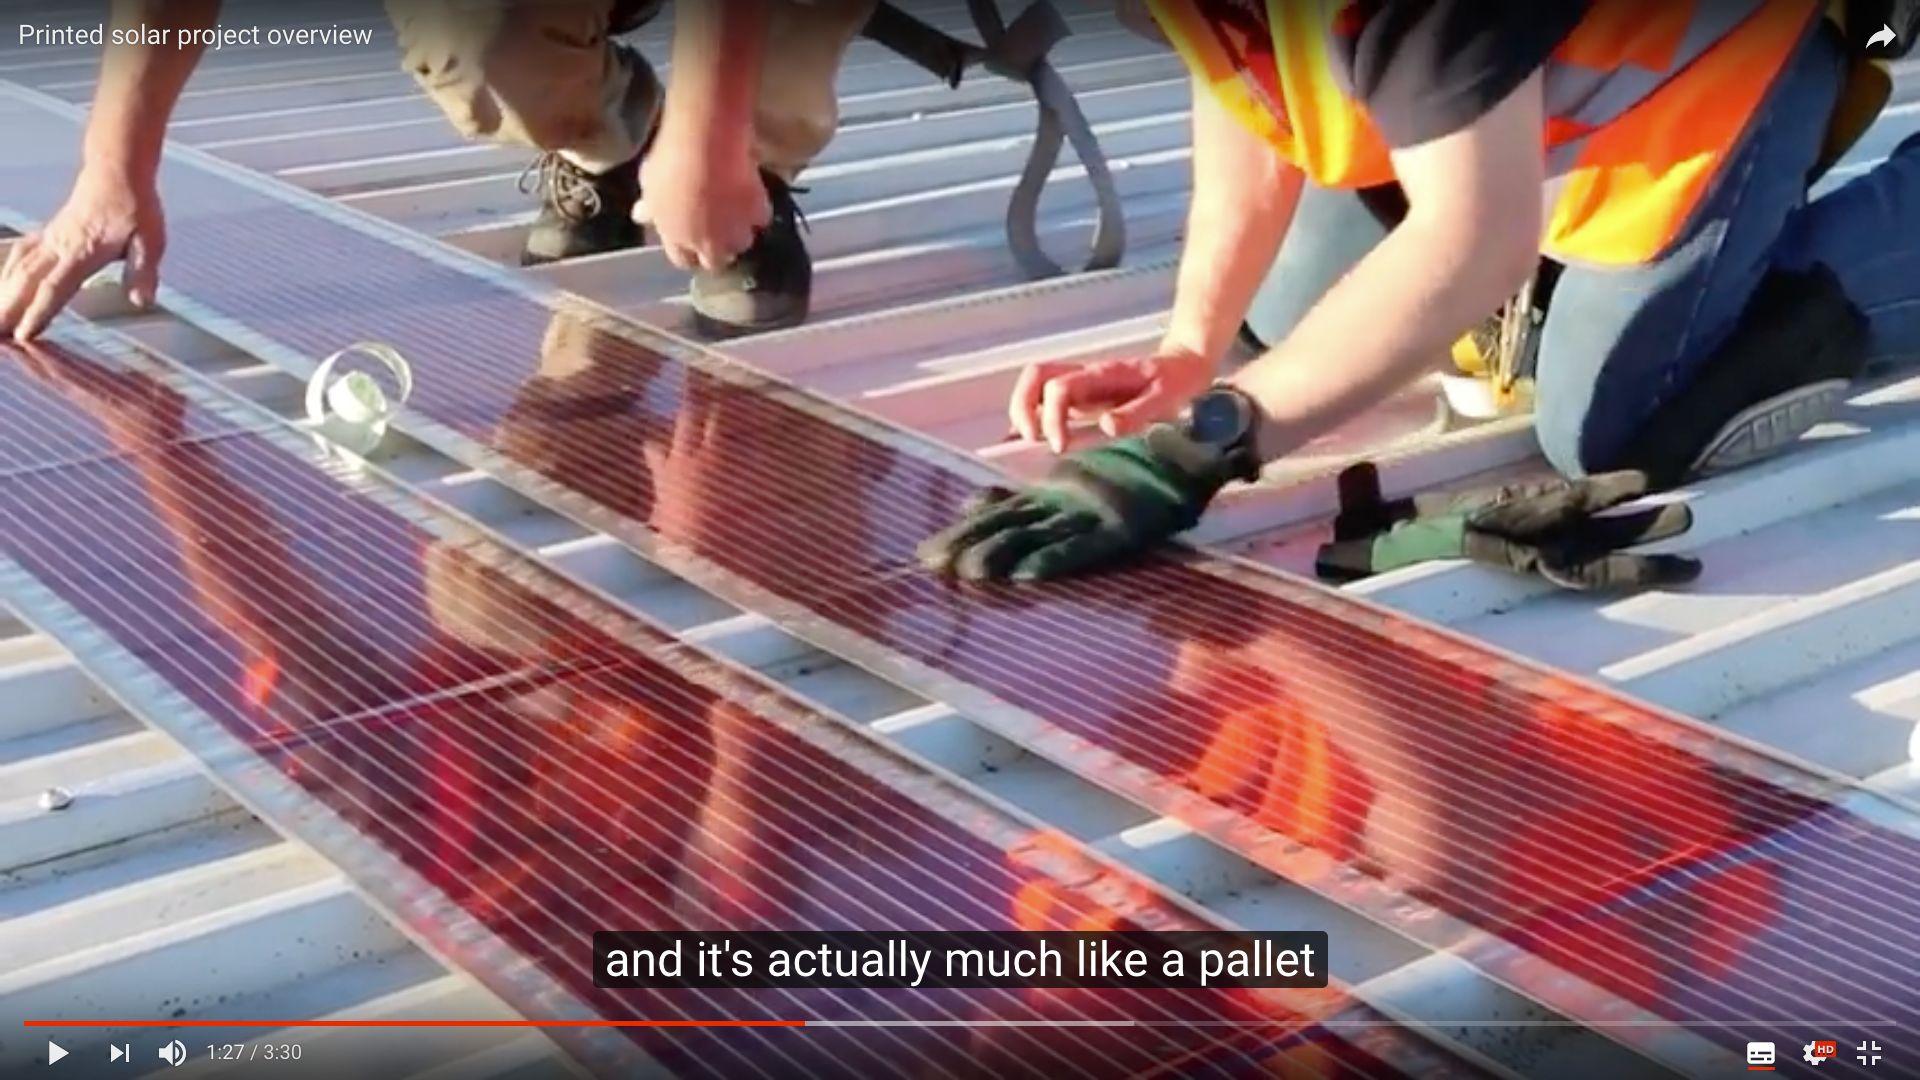 Diese super-billigen Solarmodule sollen die Energieversorgung